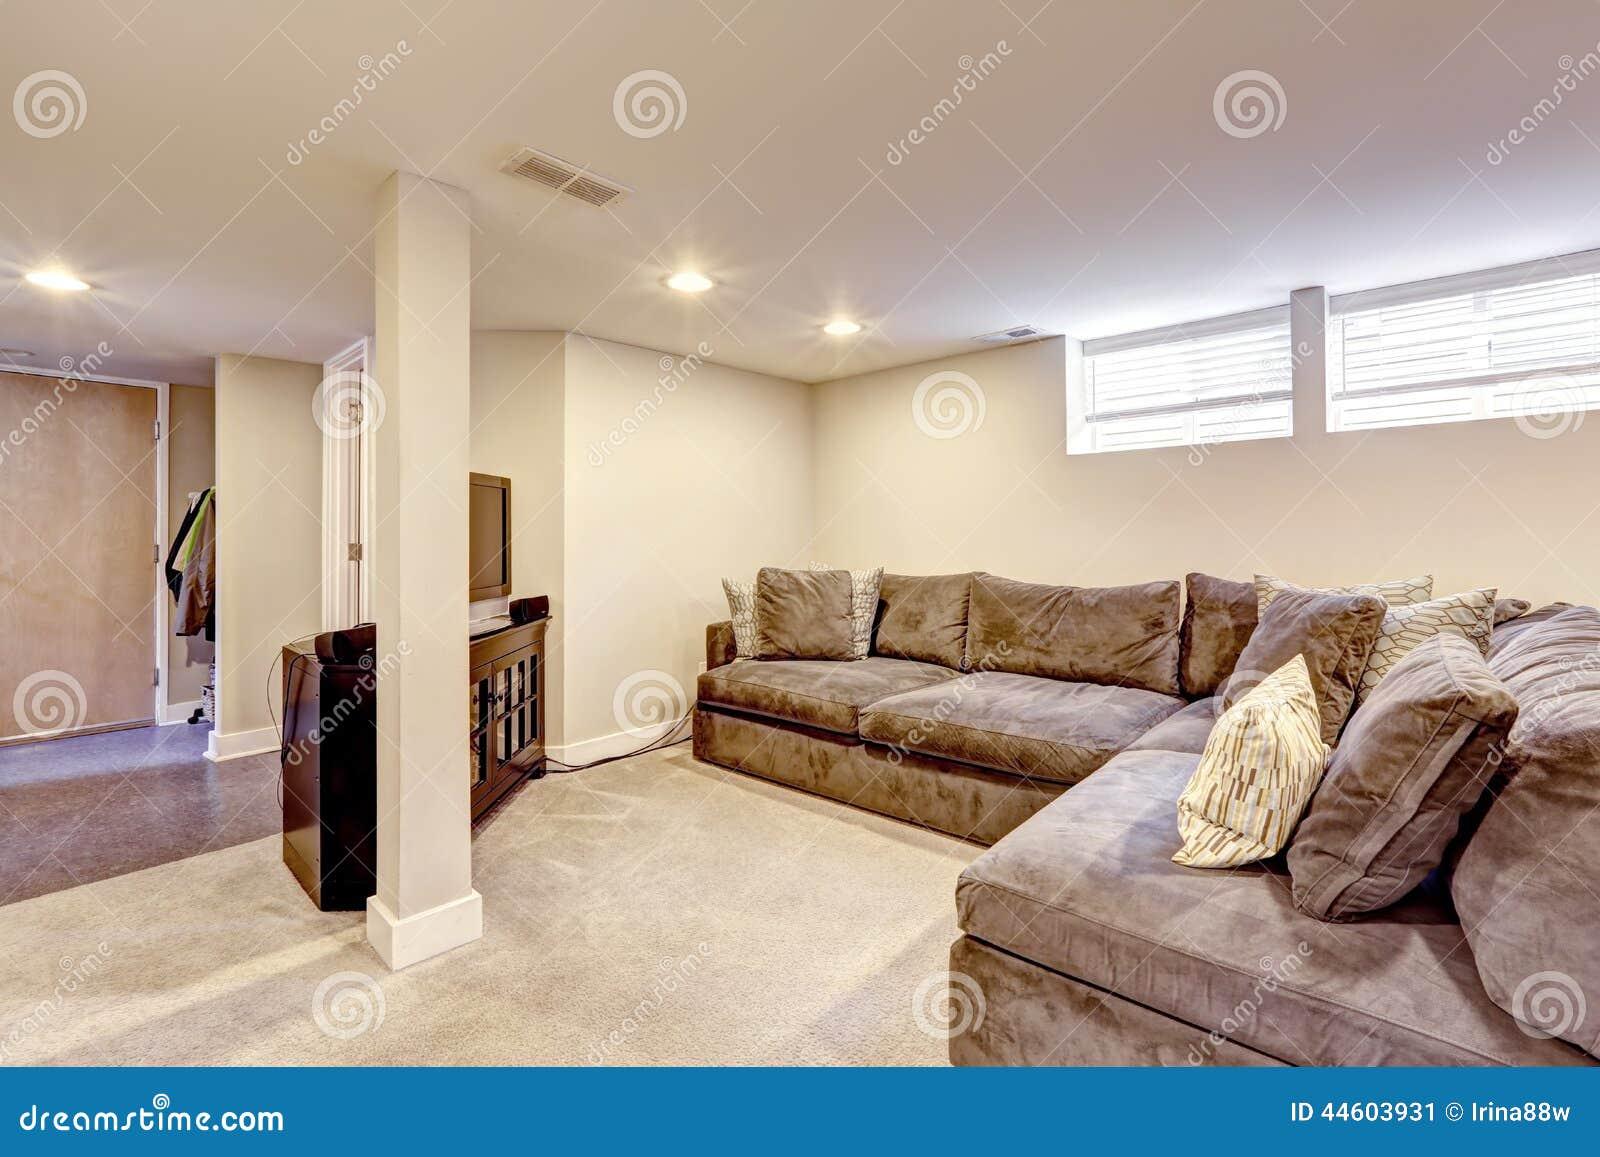 bekv m brun soffa med kuddar fotografering f r bildbyr er bild 44603931. Black Bedroom Furniture Sets. Home Design Ideas